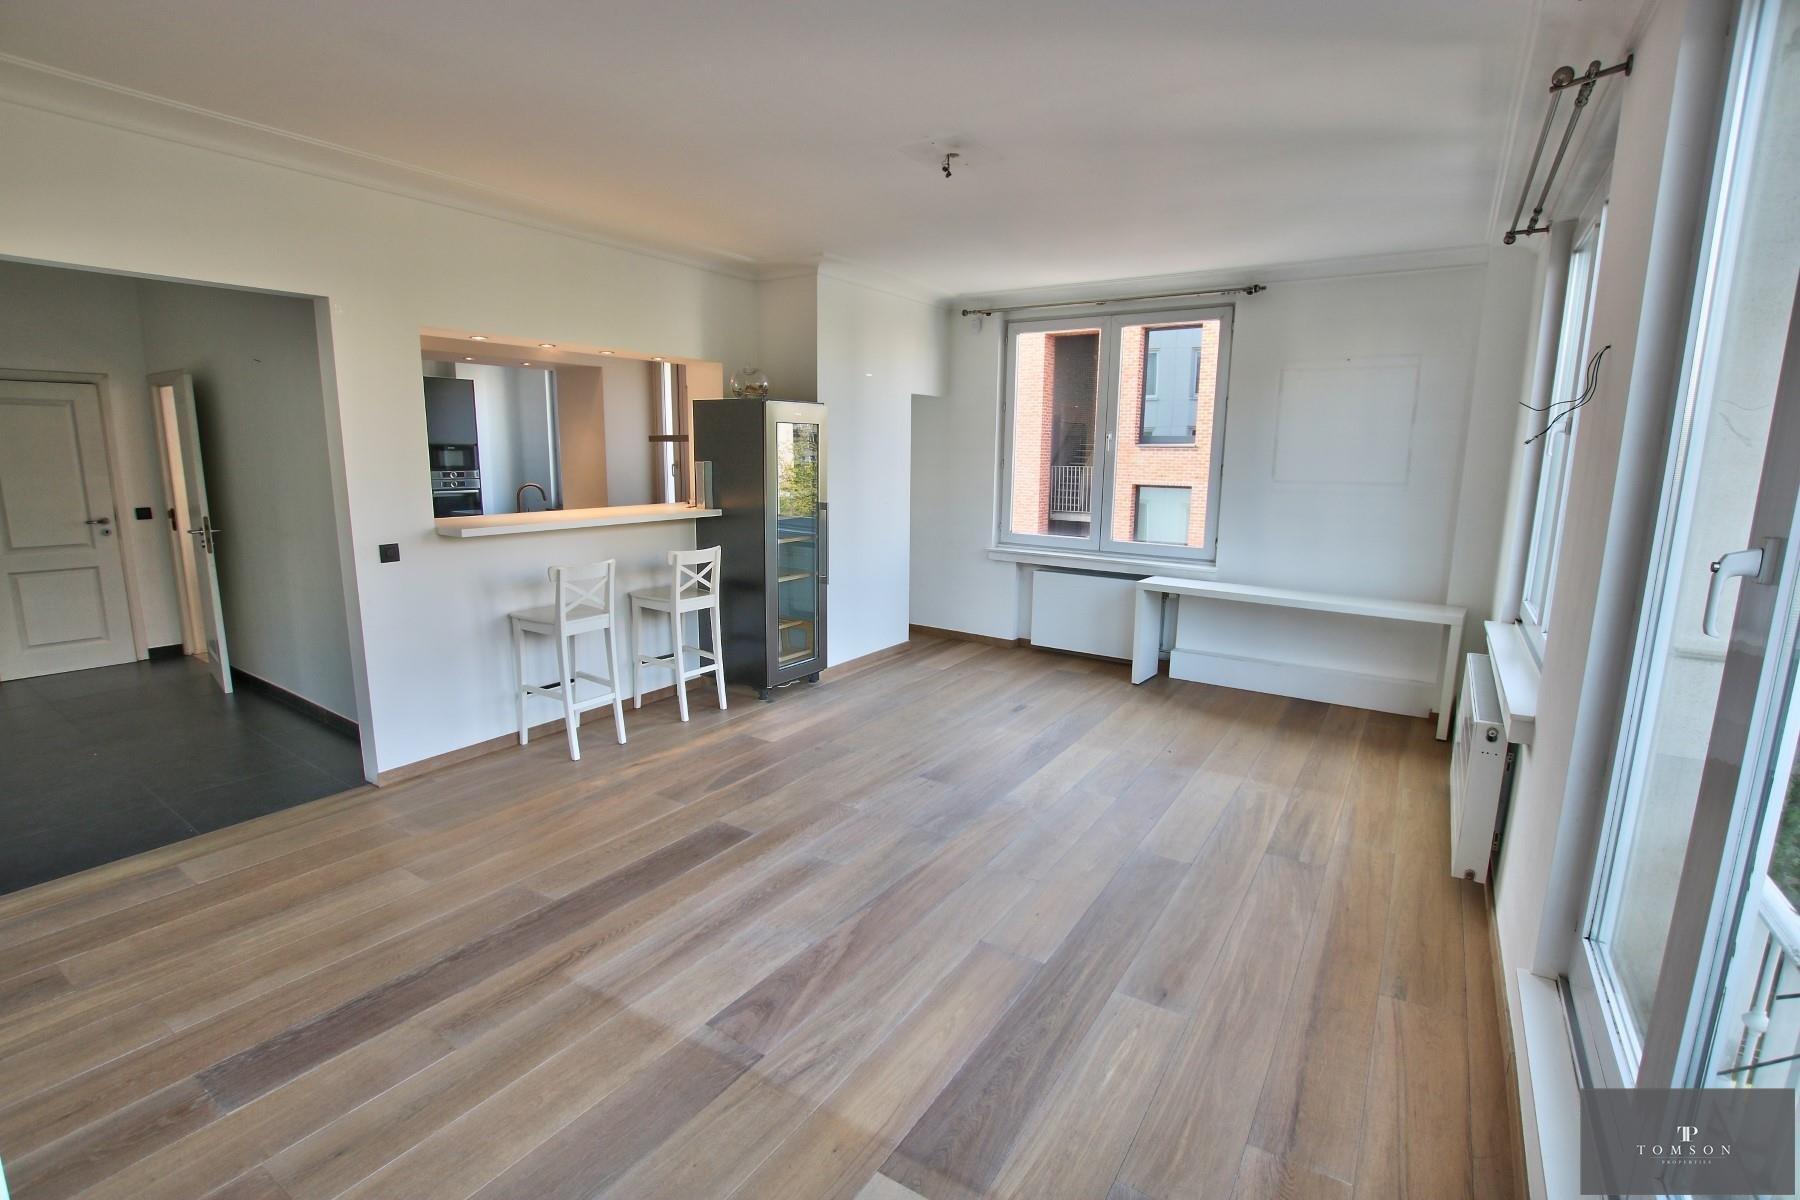 Appartement - Etterbeek - #4154759-2